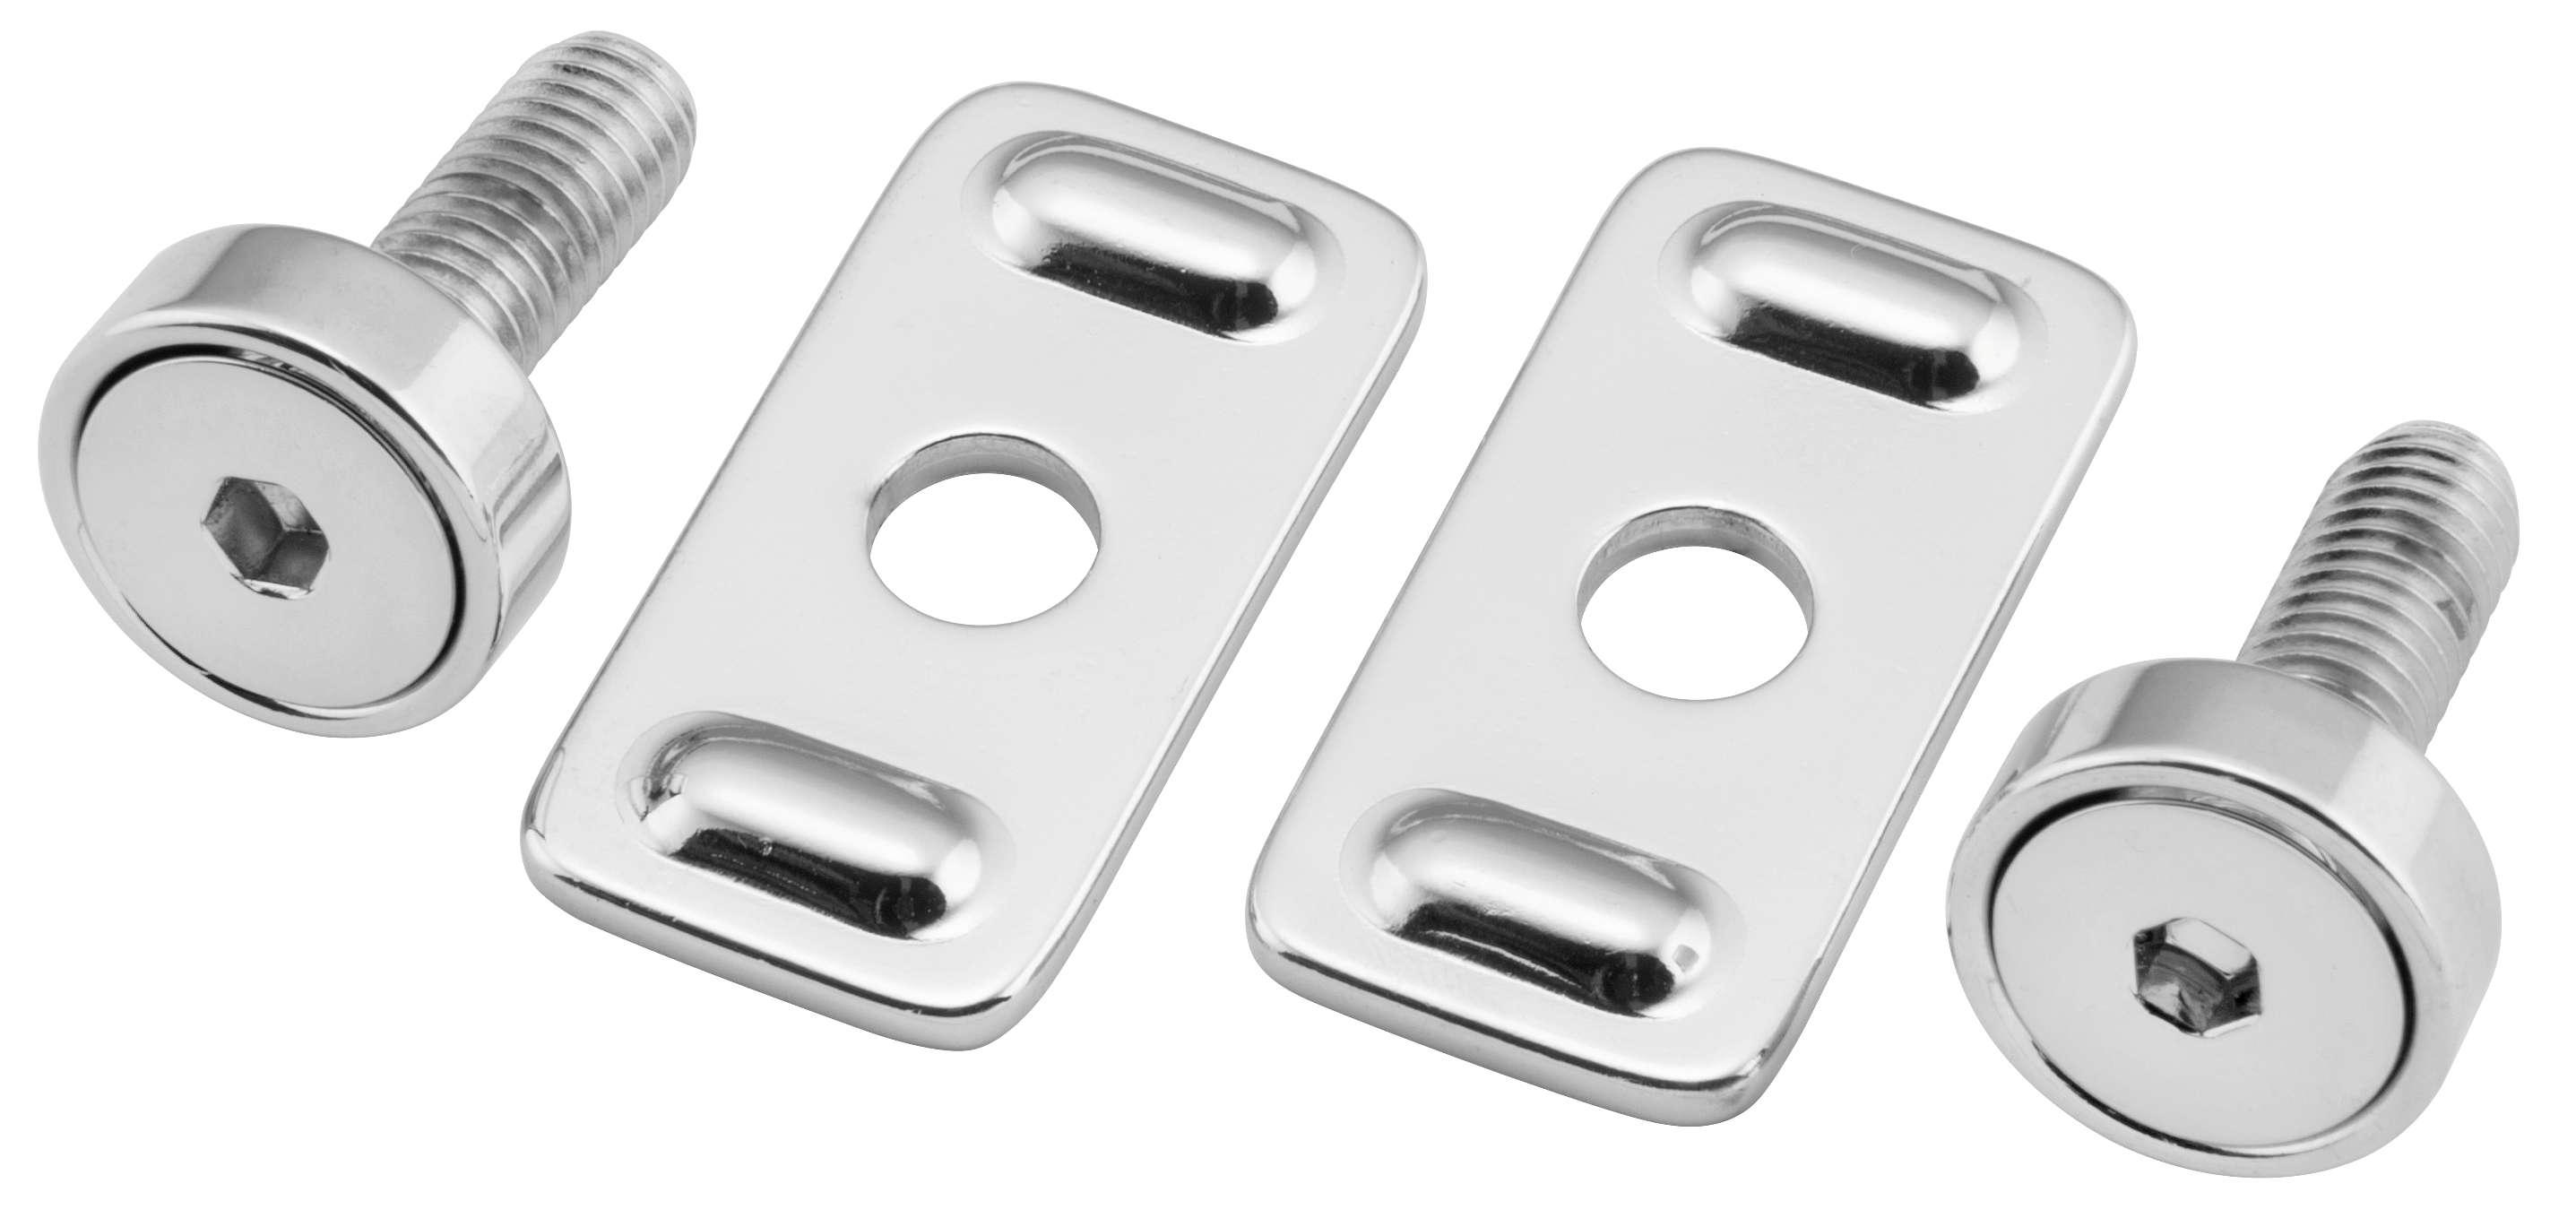 Swingarm End Plates